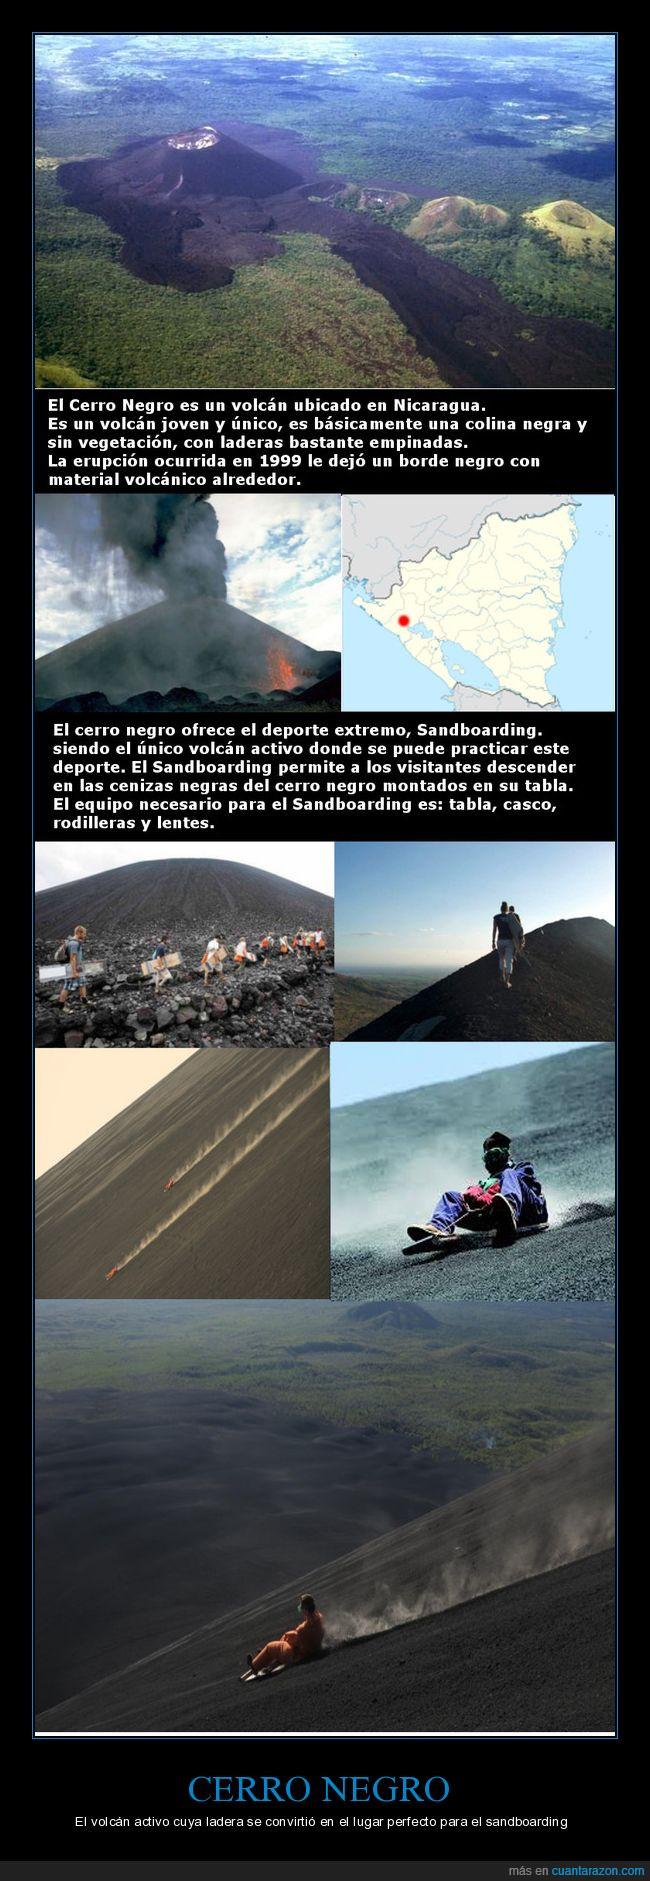 Cerro Negro,Cuesta una hora en subir a pie,Los mas expertos alcanzan velocidades de hasta 95 kph,Mas de 600 metros de altura,Menos de un minuto en bajar,Nicaragua,Sandboarding,Volcán,Volcán-surf